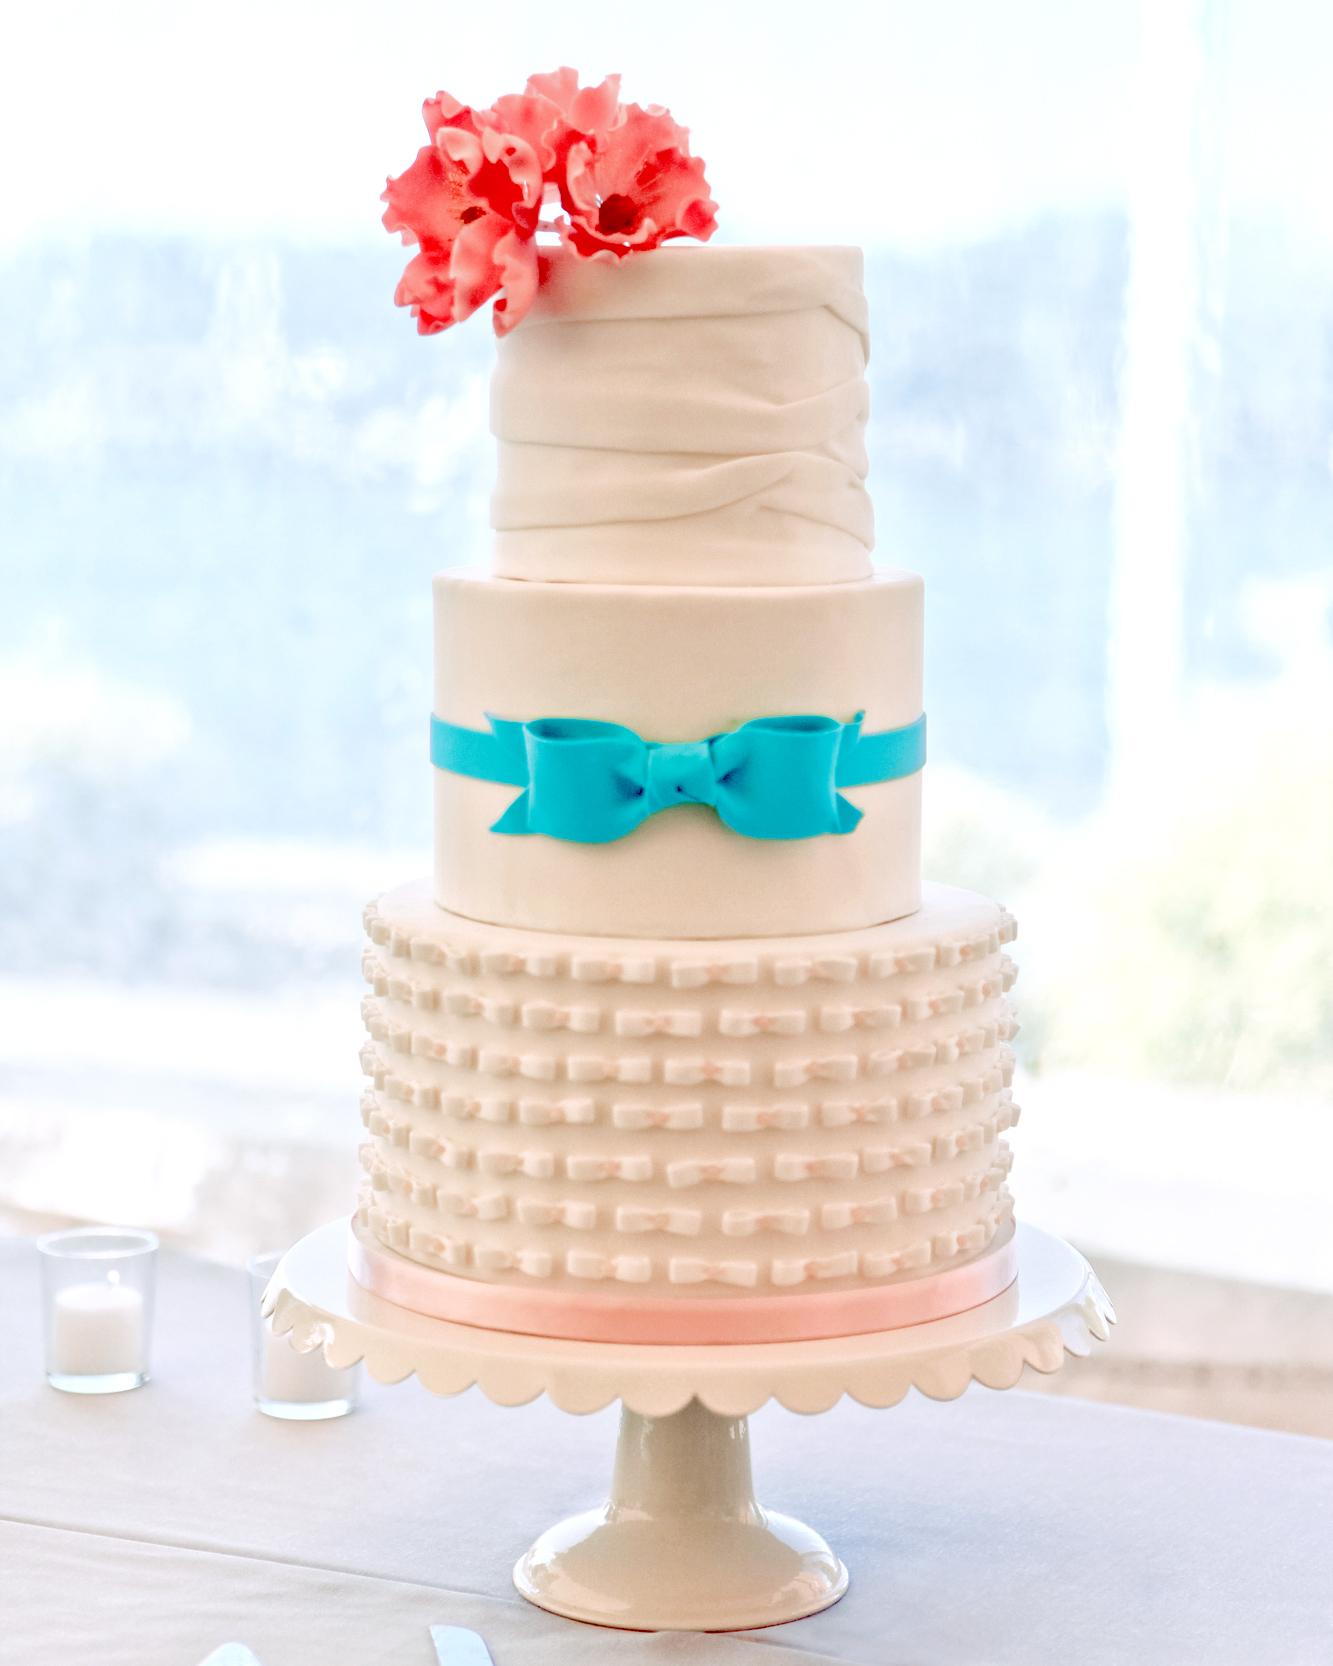 vanessa-michael-cake-mwds107762.jpg